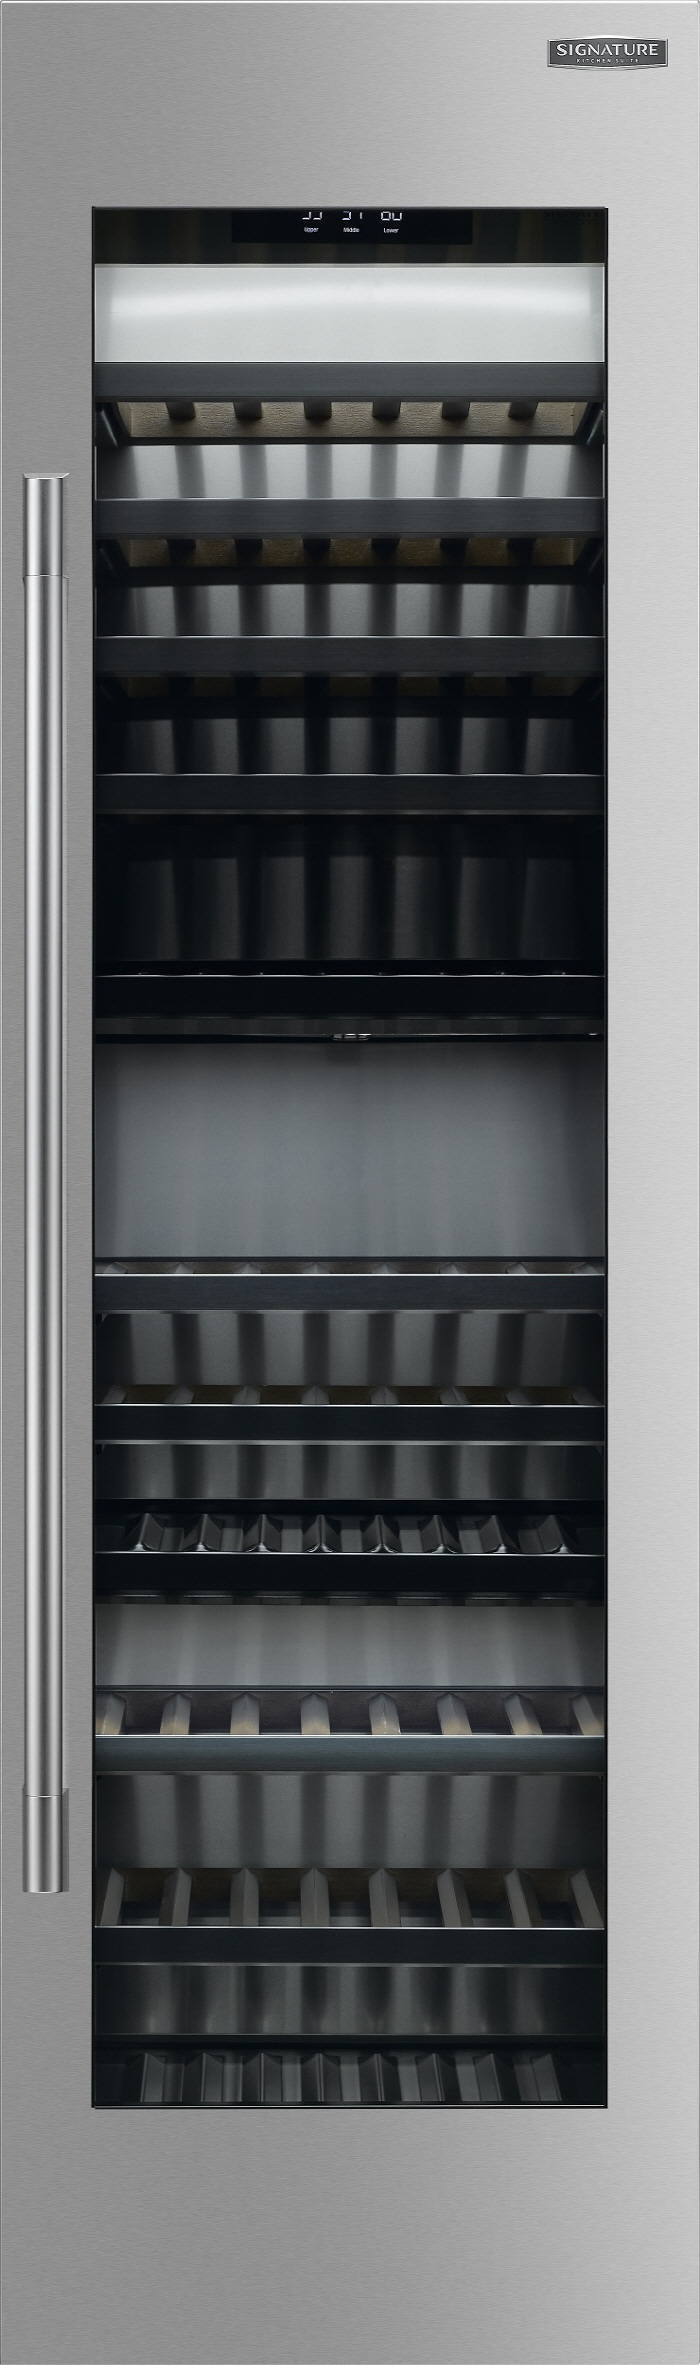 시그니처 키친 스위트  24인치 컬럼형 와인셀러. [사진제공 = LG전자]